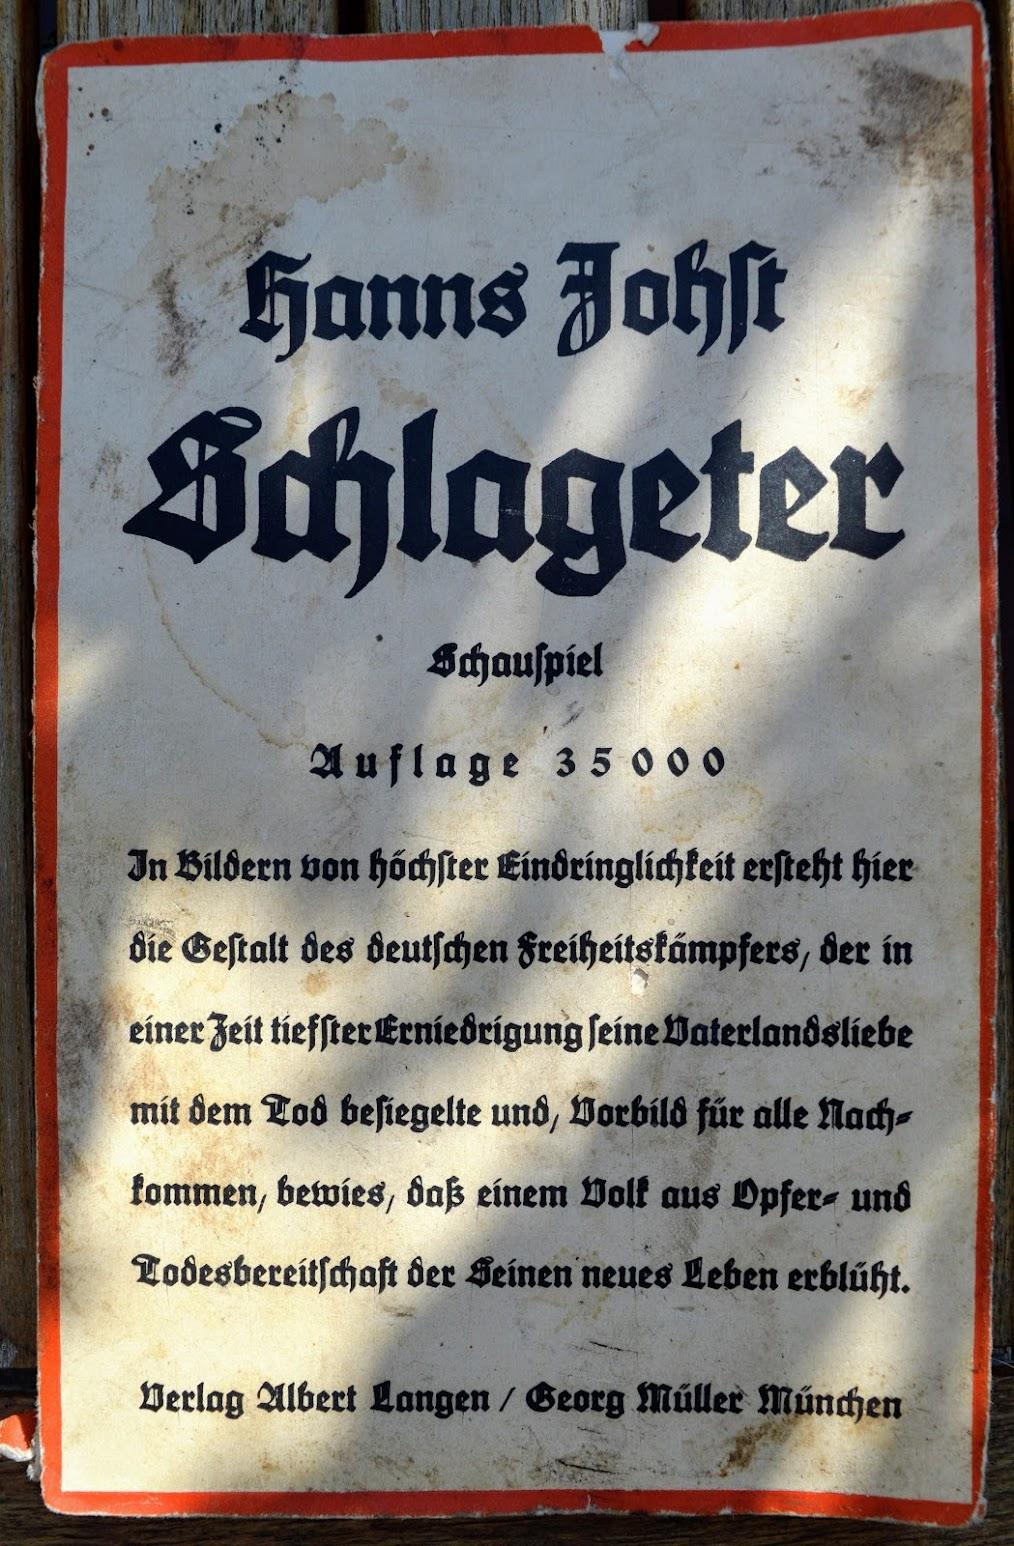 Hanns Johst - Schlageter - Schauspiel - 1935